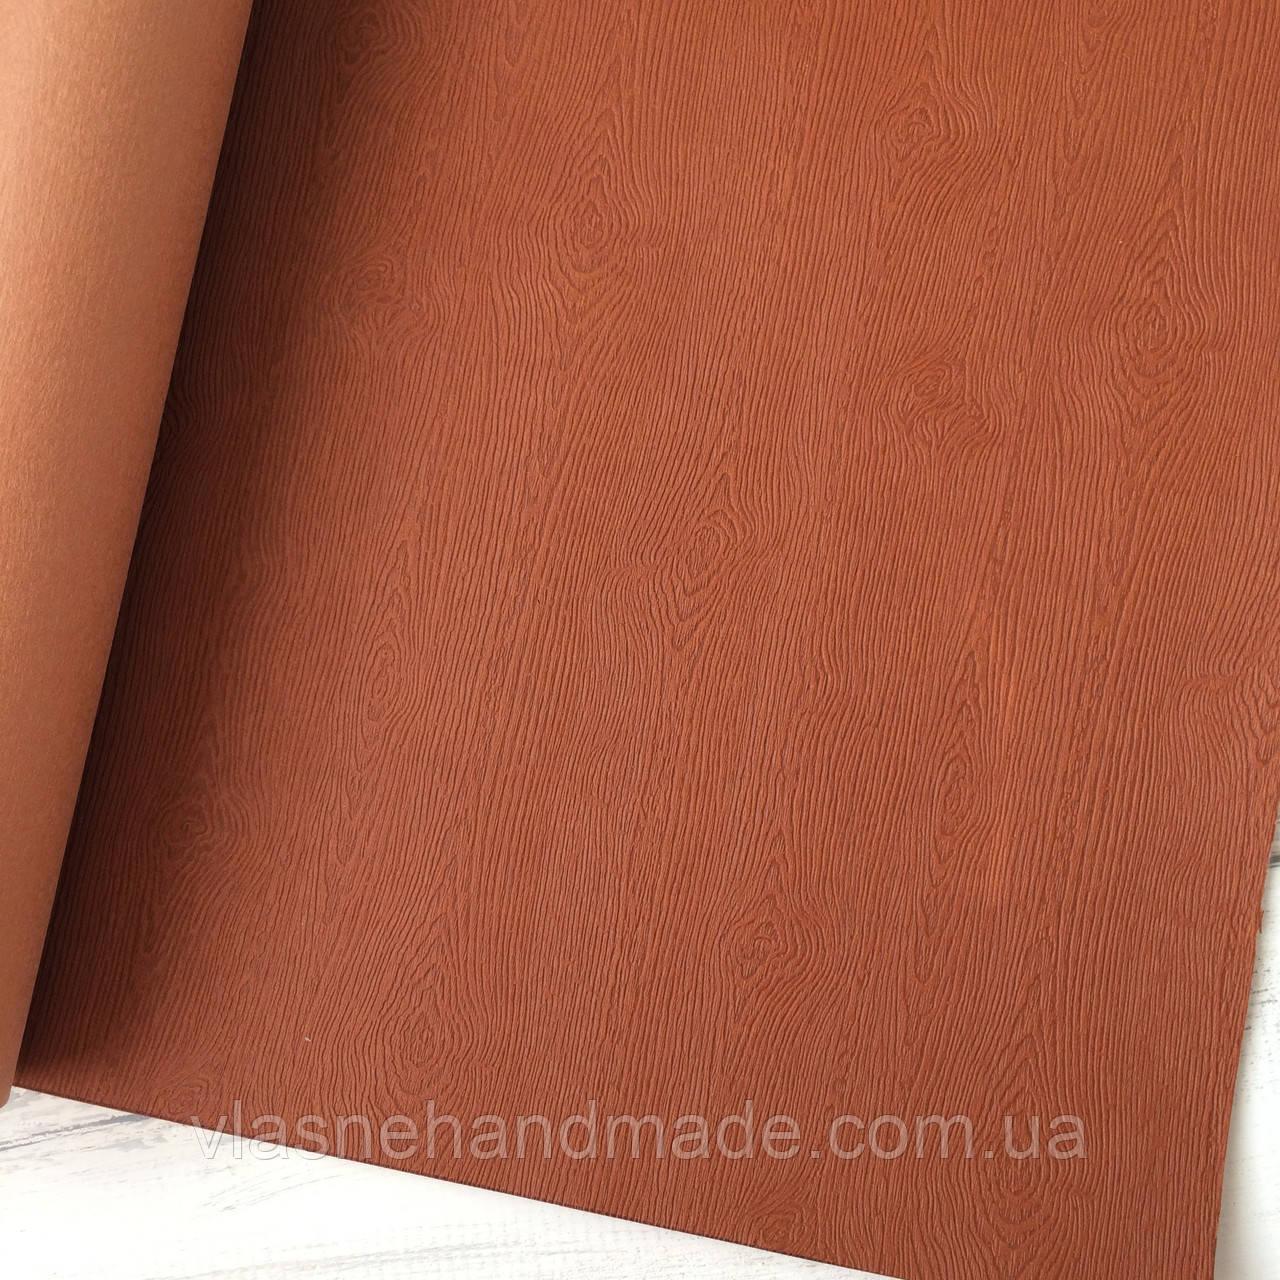 Шкірзамінник палітурний - фактура дерево - рудий - виробник Італія - 25х35 см